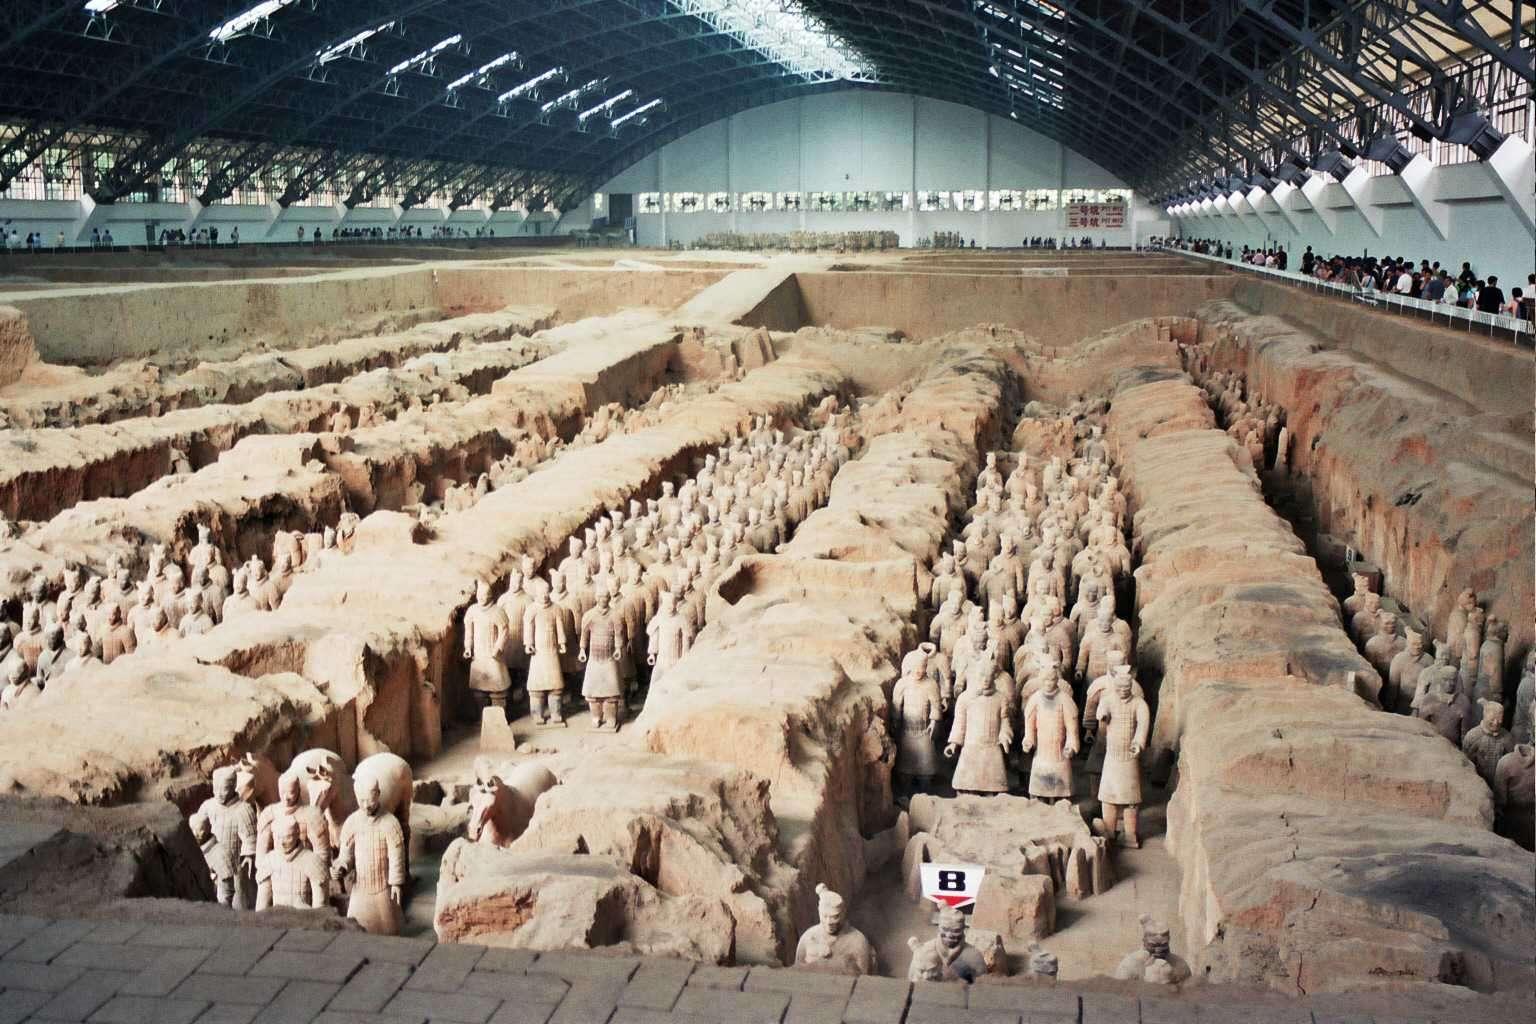 Le mausolée de l'empereur Qin, daté du IIIe siècle av. J.-C., s'étend sur environ 56 km², à proximité de la ville de Xi'an. Le tombeau de l'empereur proprement dit est entouré de fosses où se cachait une armée enterrée formée par des milliers de soldats de terre cuite. © Wikipédia, DP